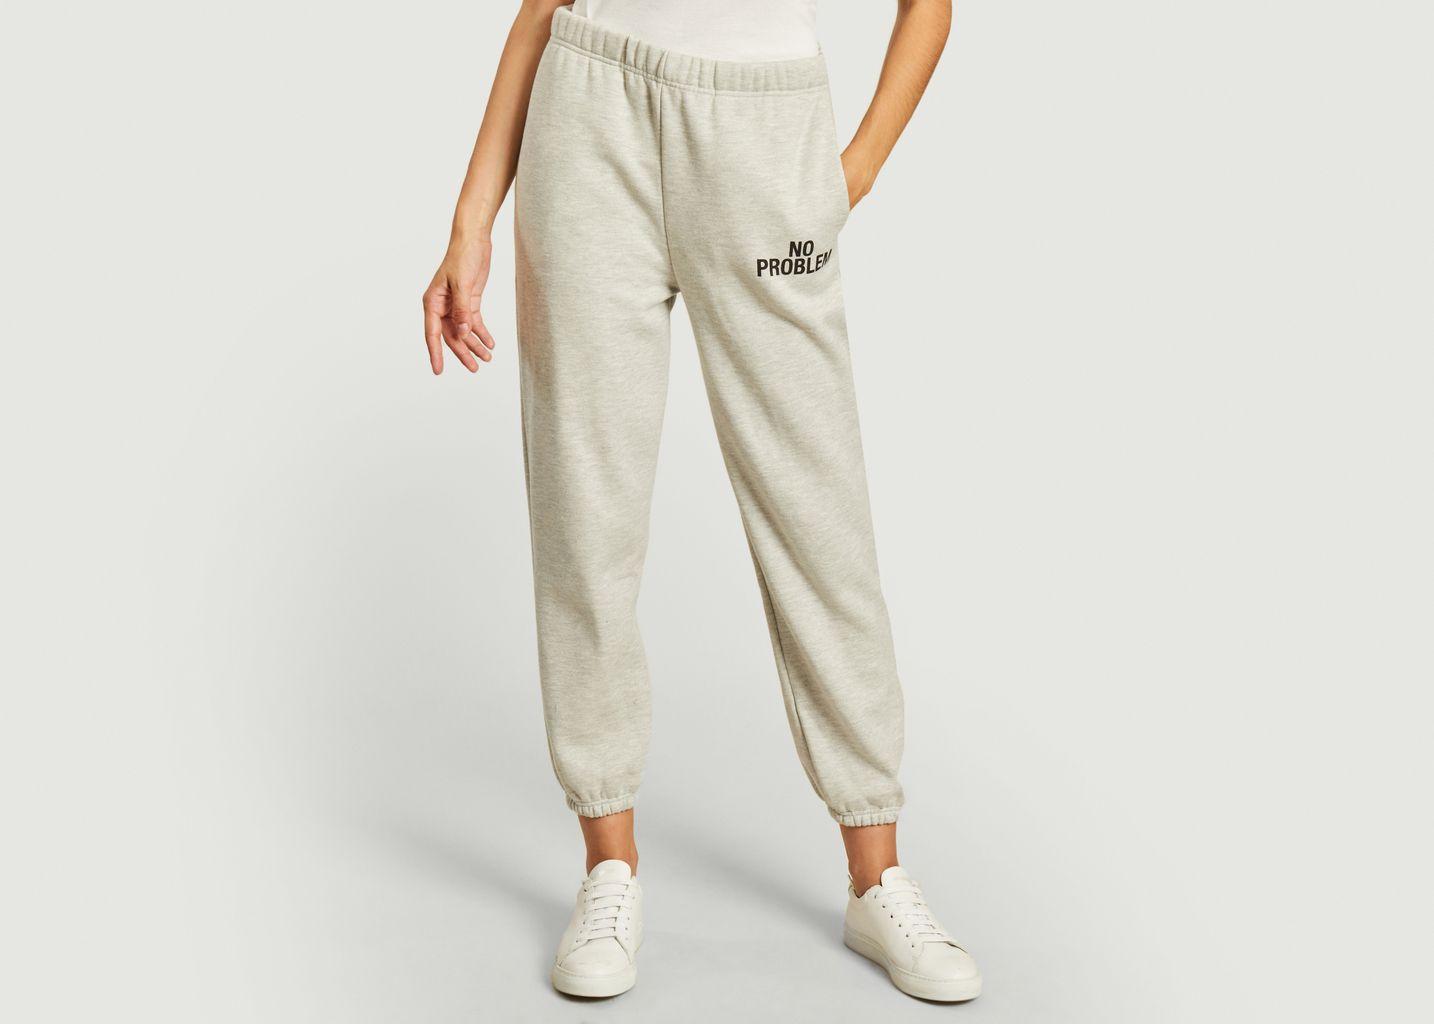 Pantalon de jogging No Problem Caryna - IRO